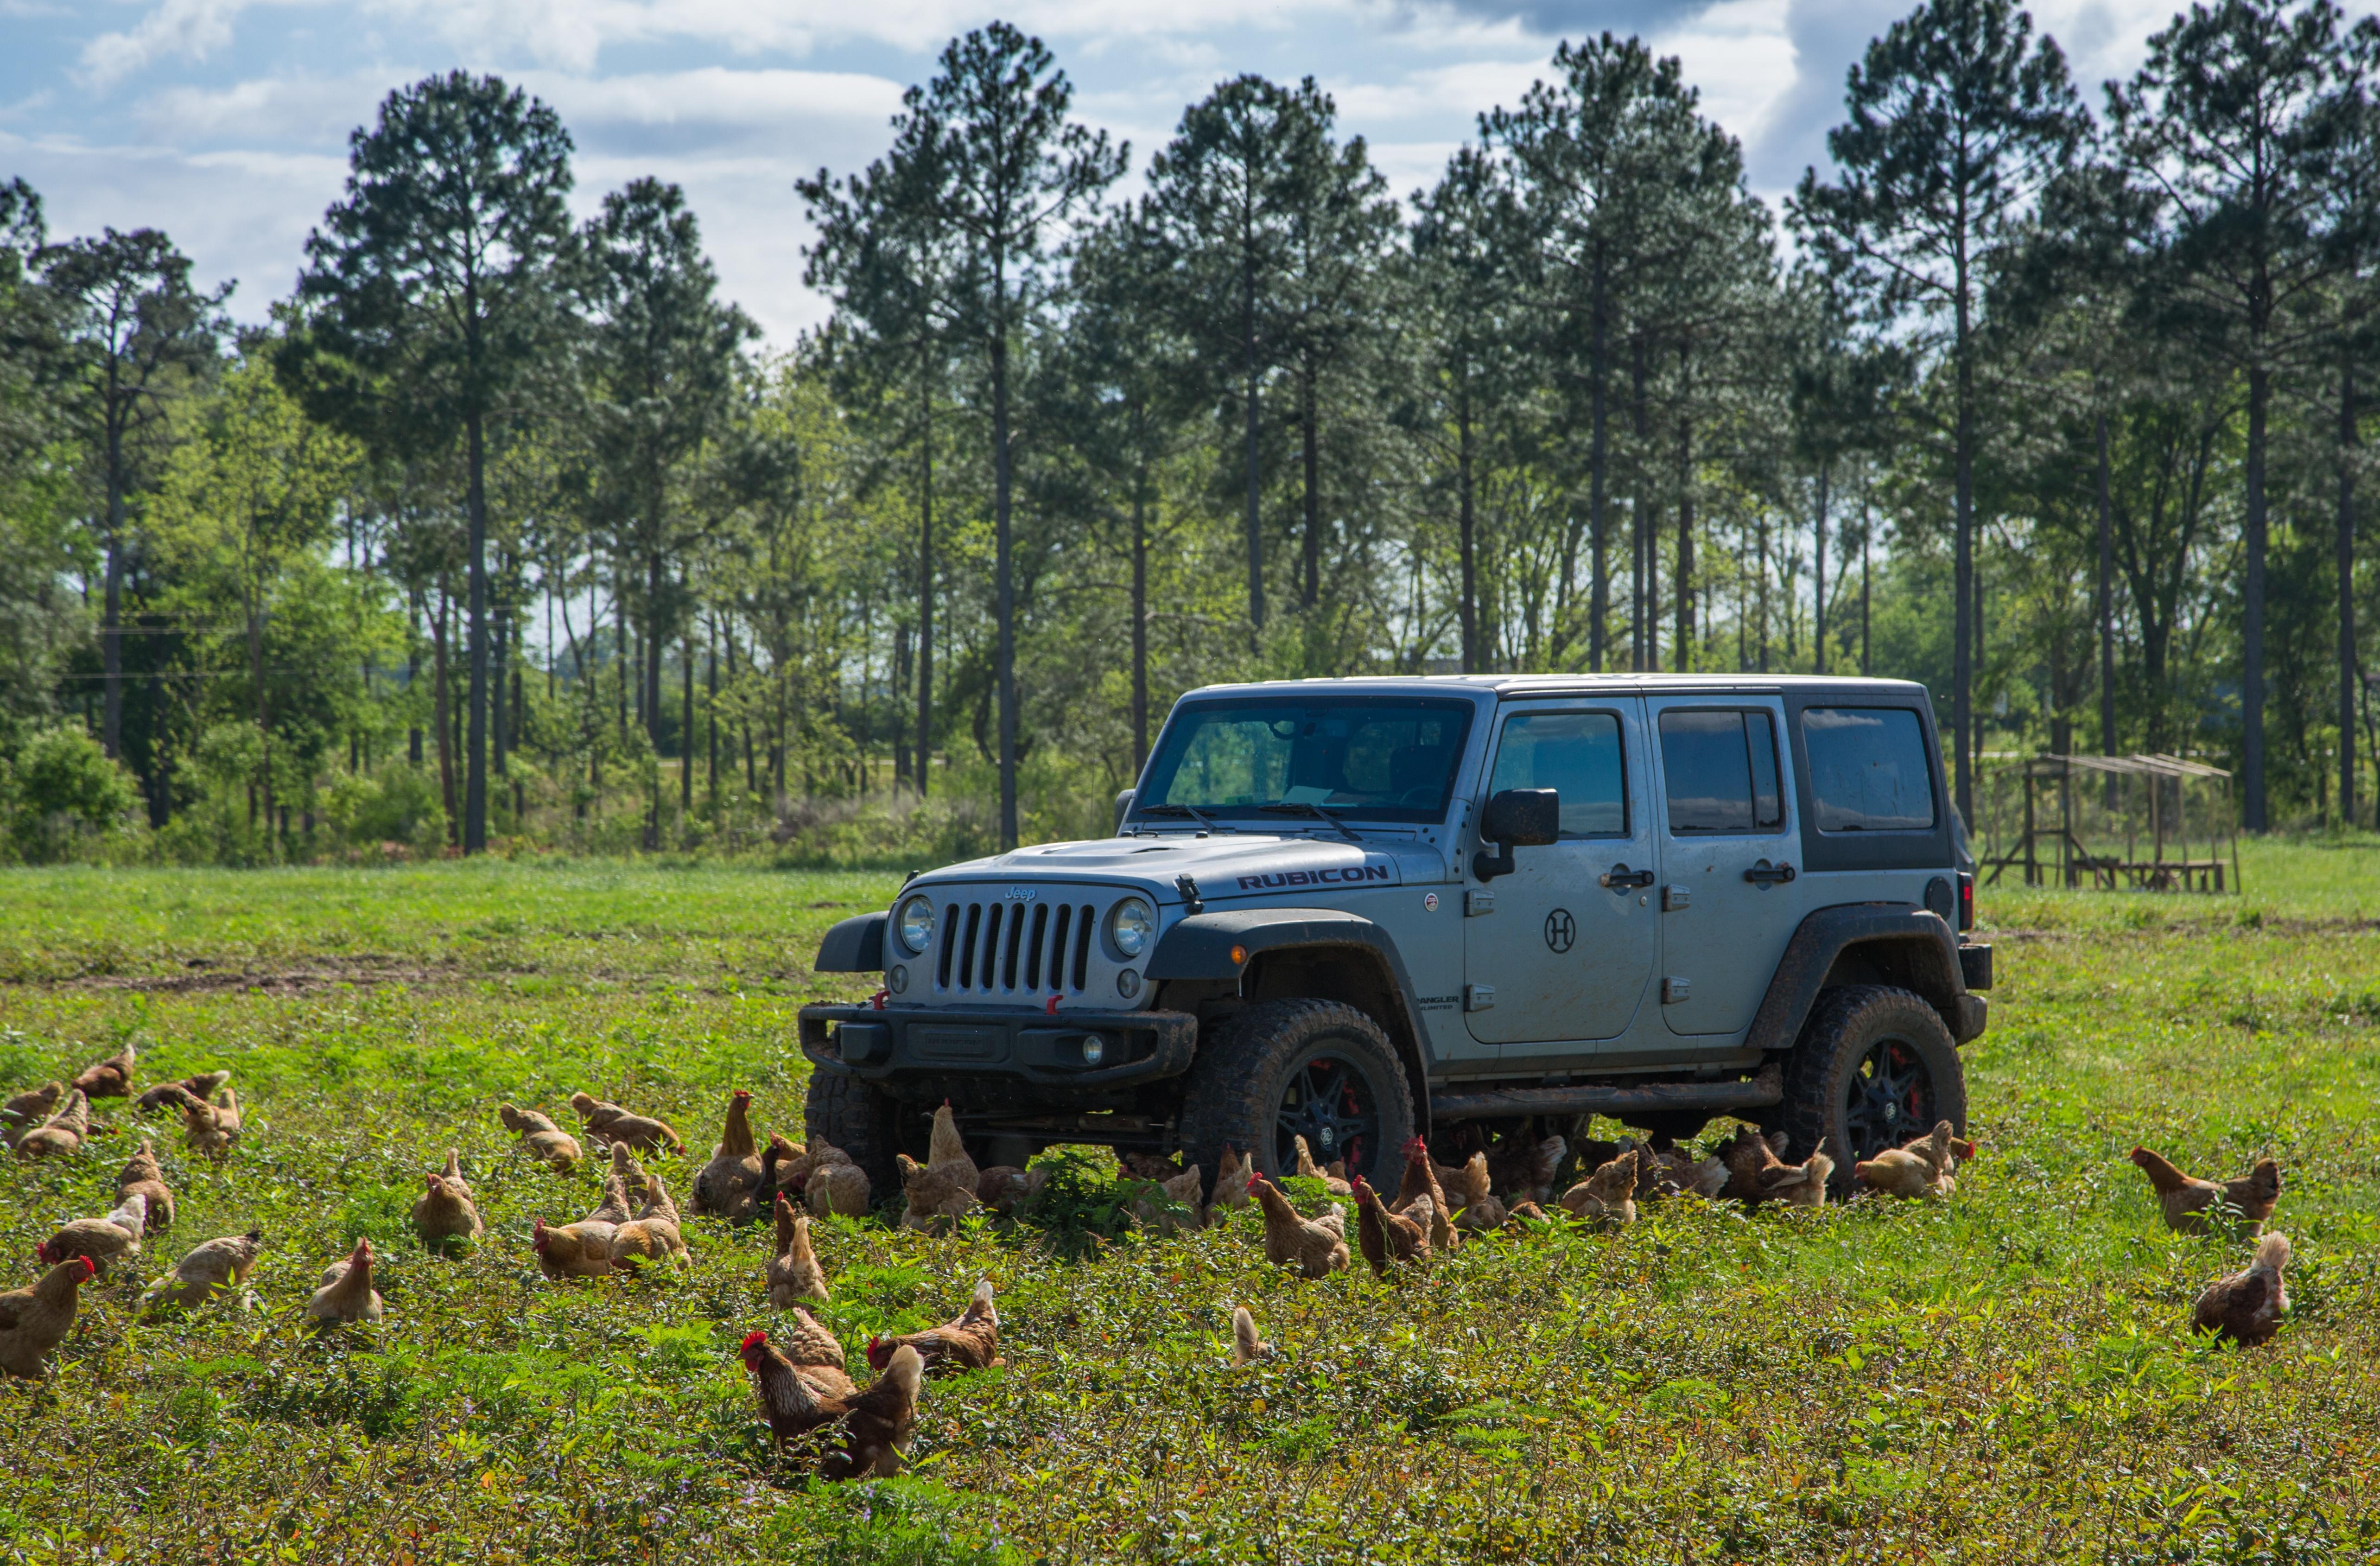 Production Laying Hens Indigo 4-25-16 Grazing Free Range Vehicle